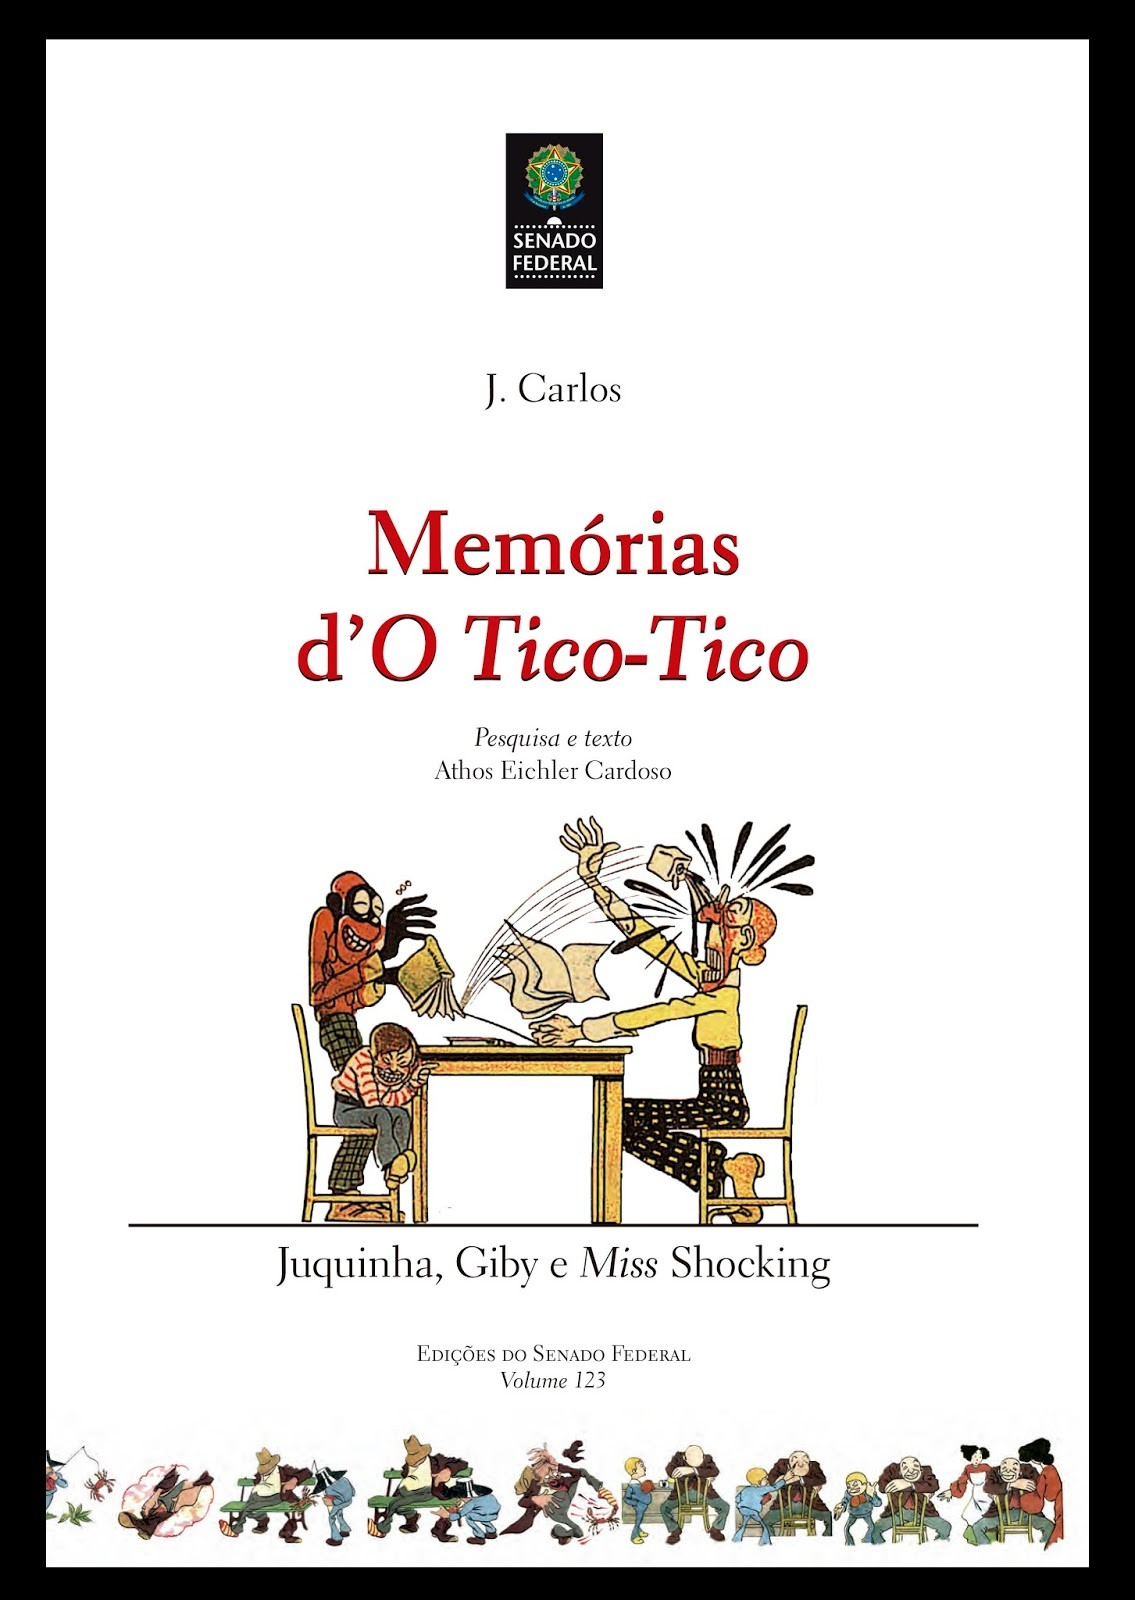 Memórias d'O Tico-Tico - Juquinha, Giby e Miss Shocking (Foto: Divulgação)